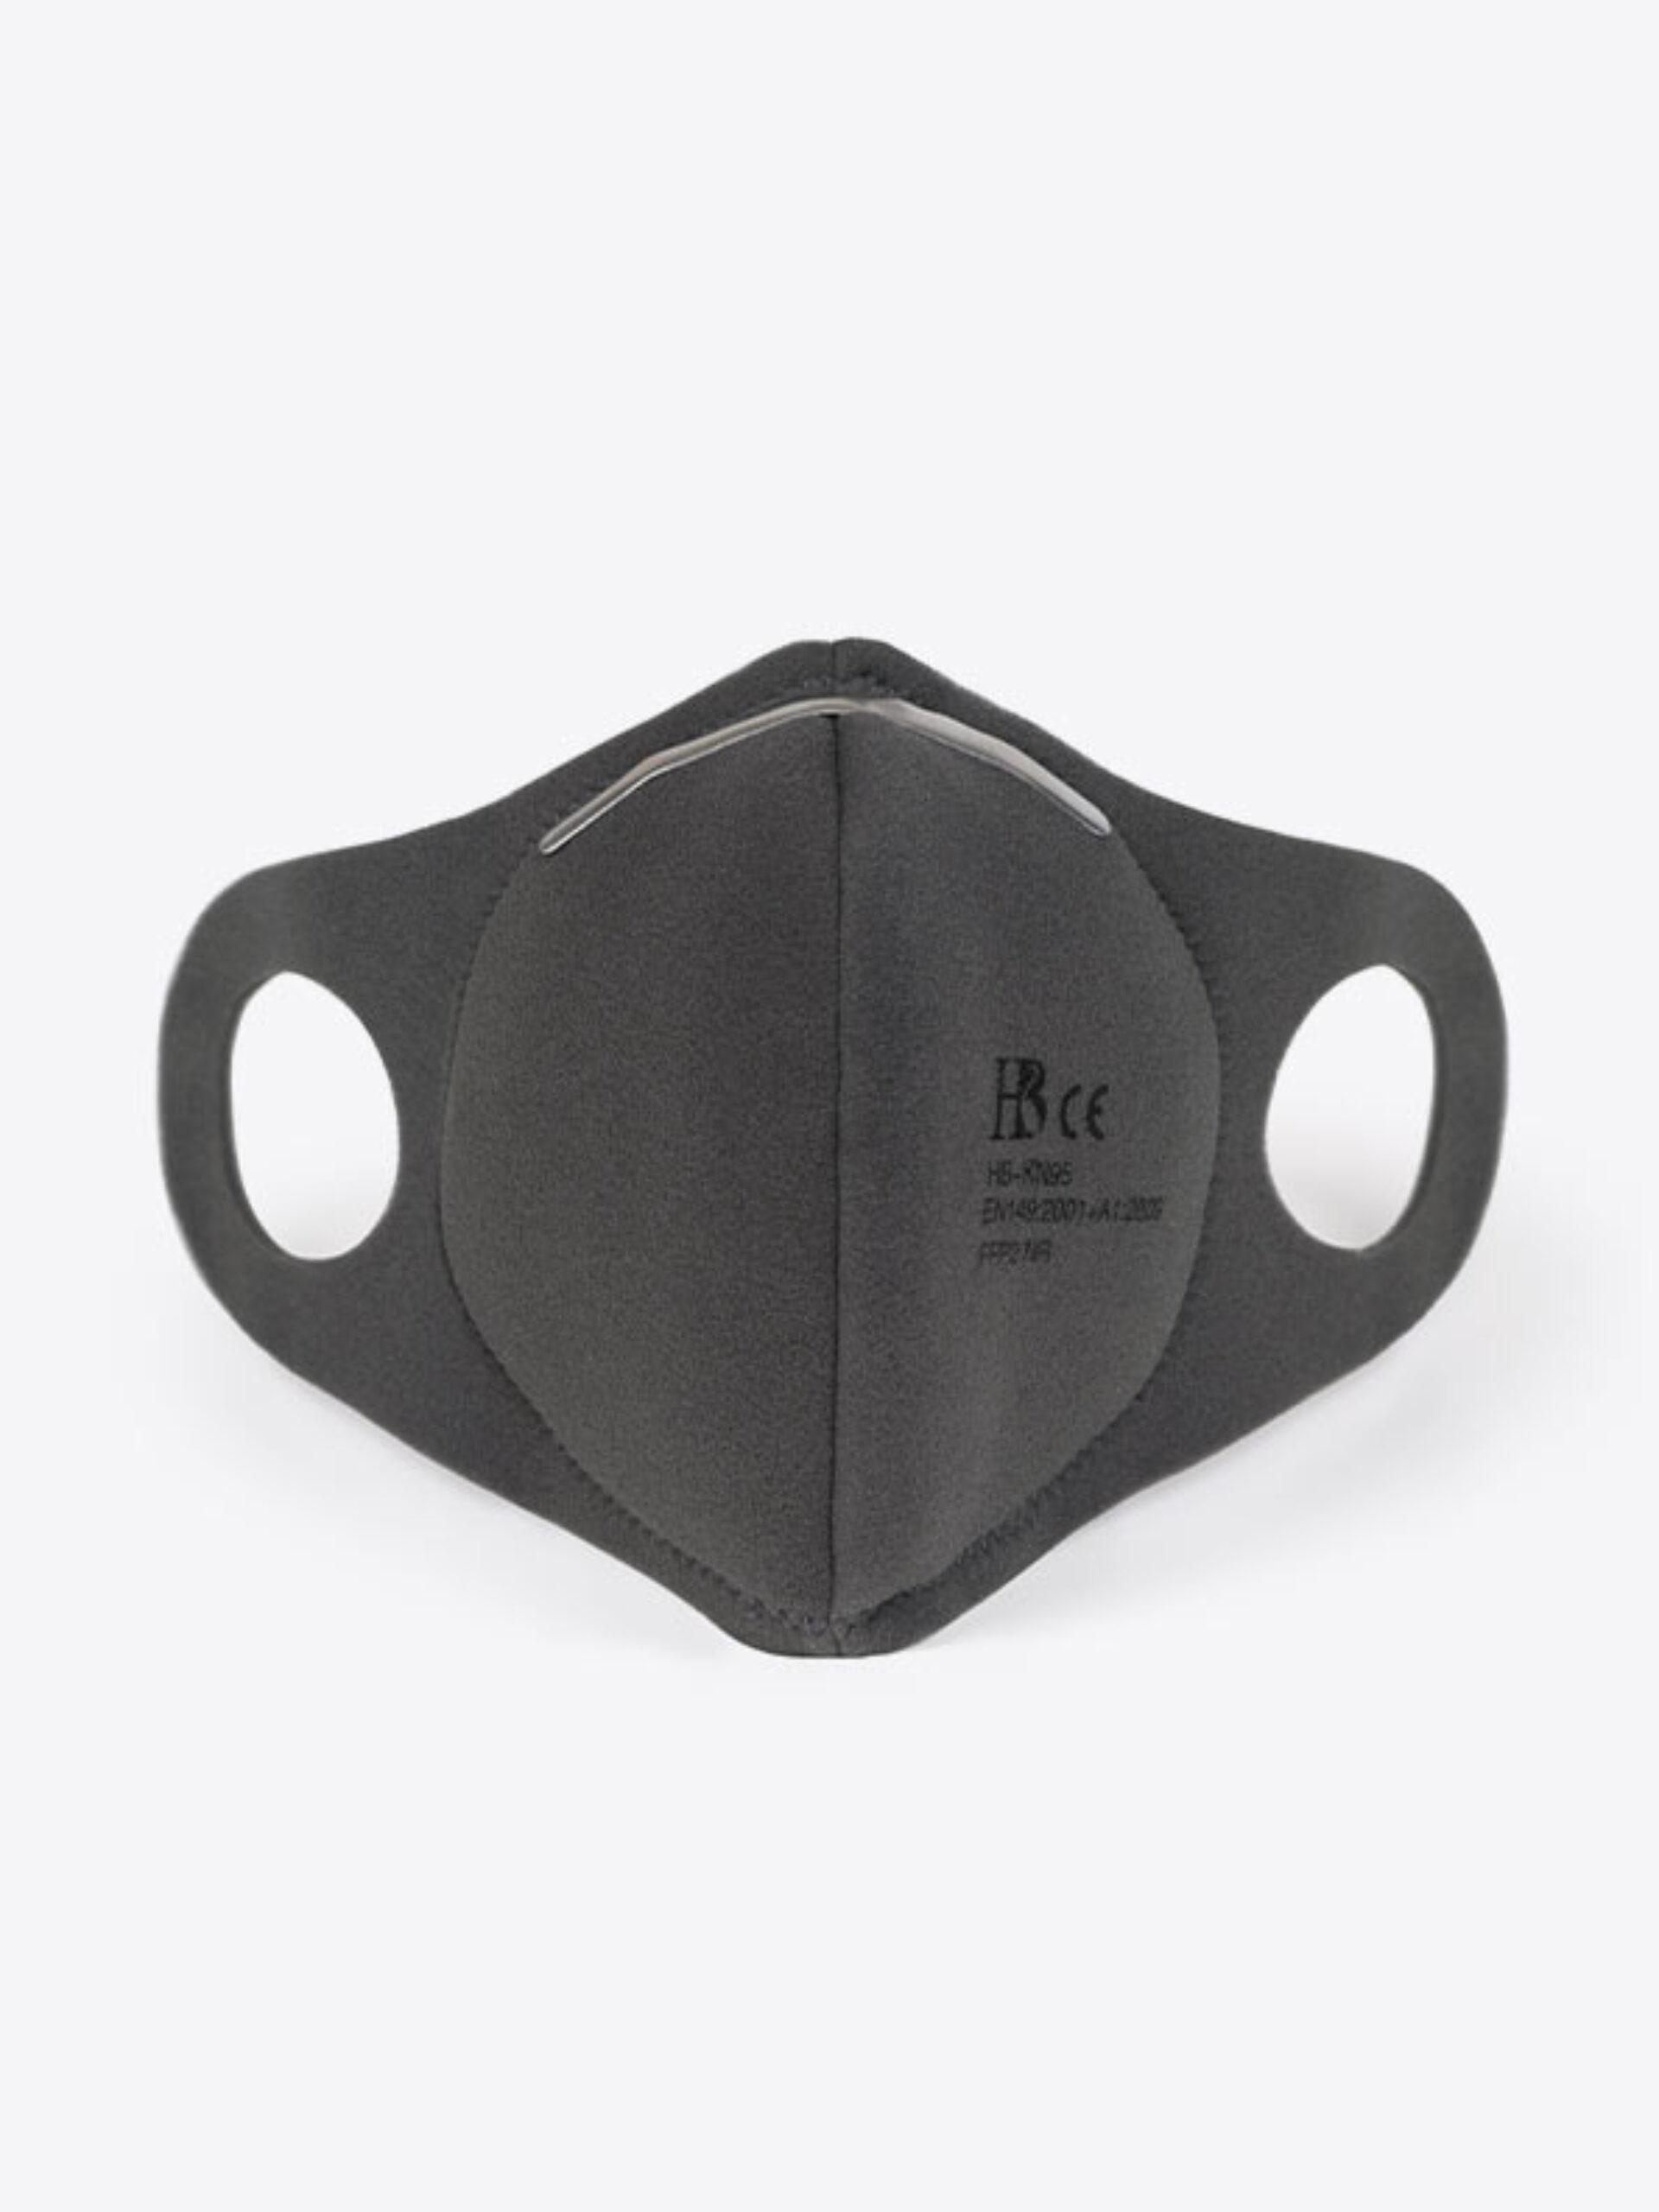 Schutzmasken Kn95 Ffp2 Bestellen Grau Schweiz Zurich